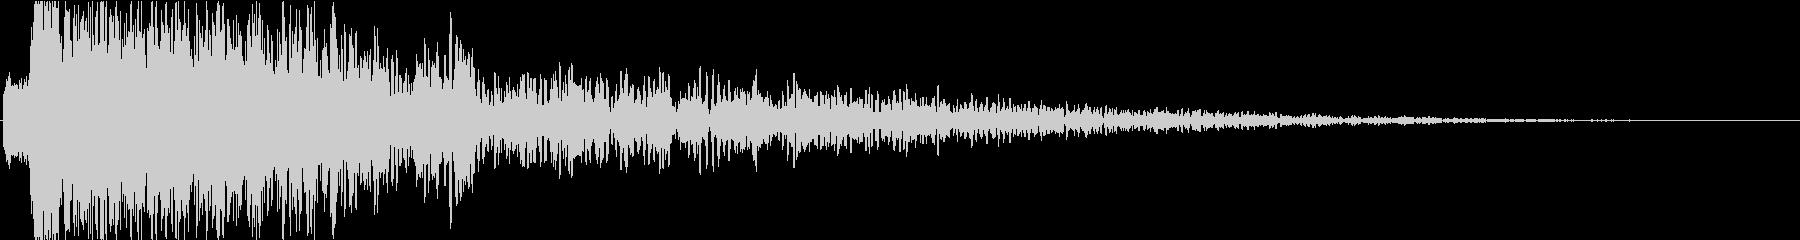 テレビ番組・CM・動画テロップ07の未再生の波形